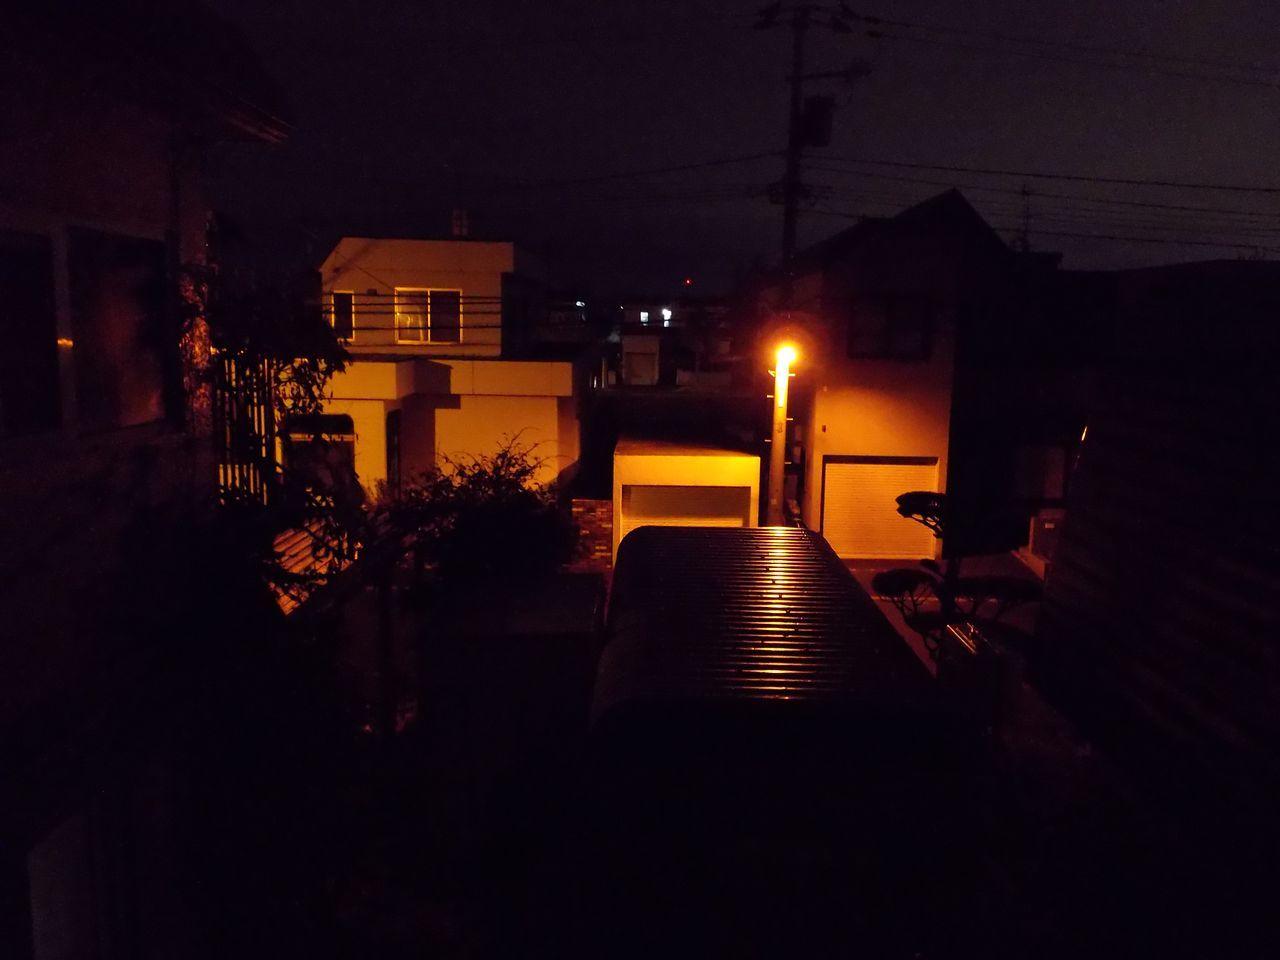 冷蔵庫から脱しつつある札幌_c0025115_20244598.jpg